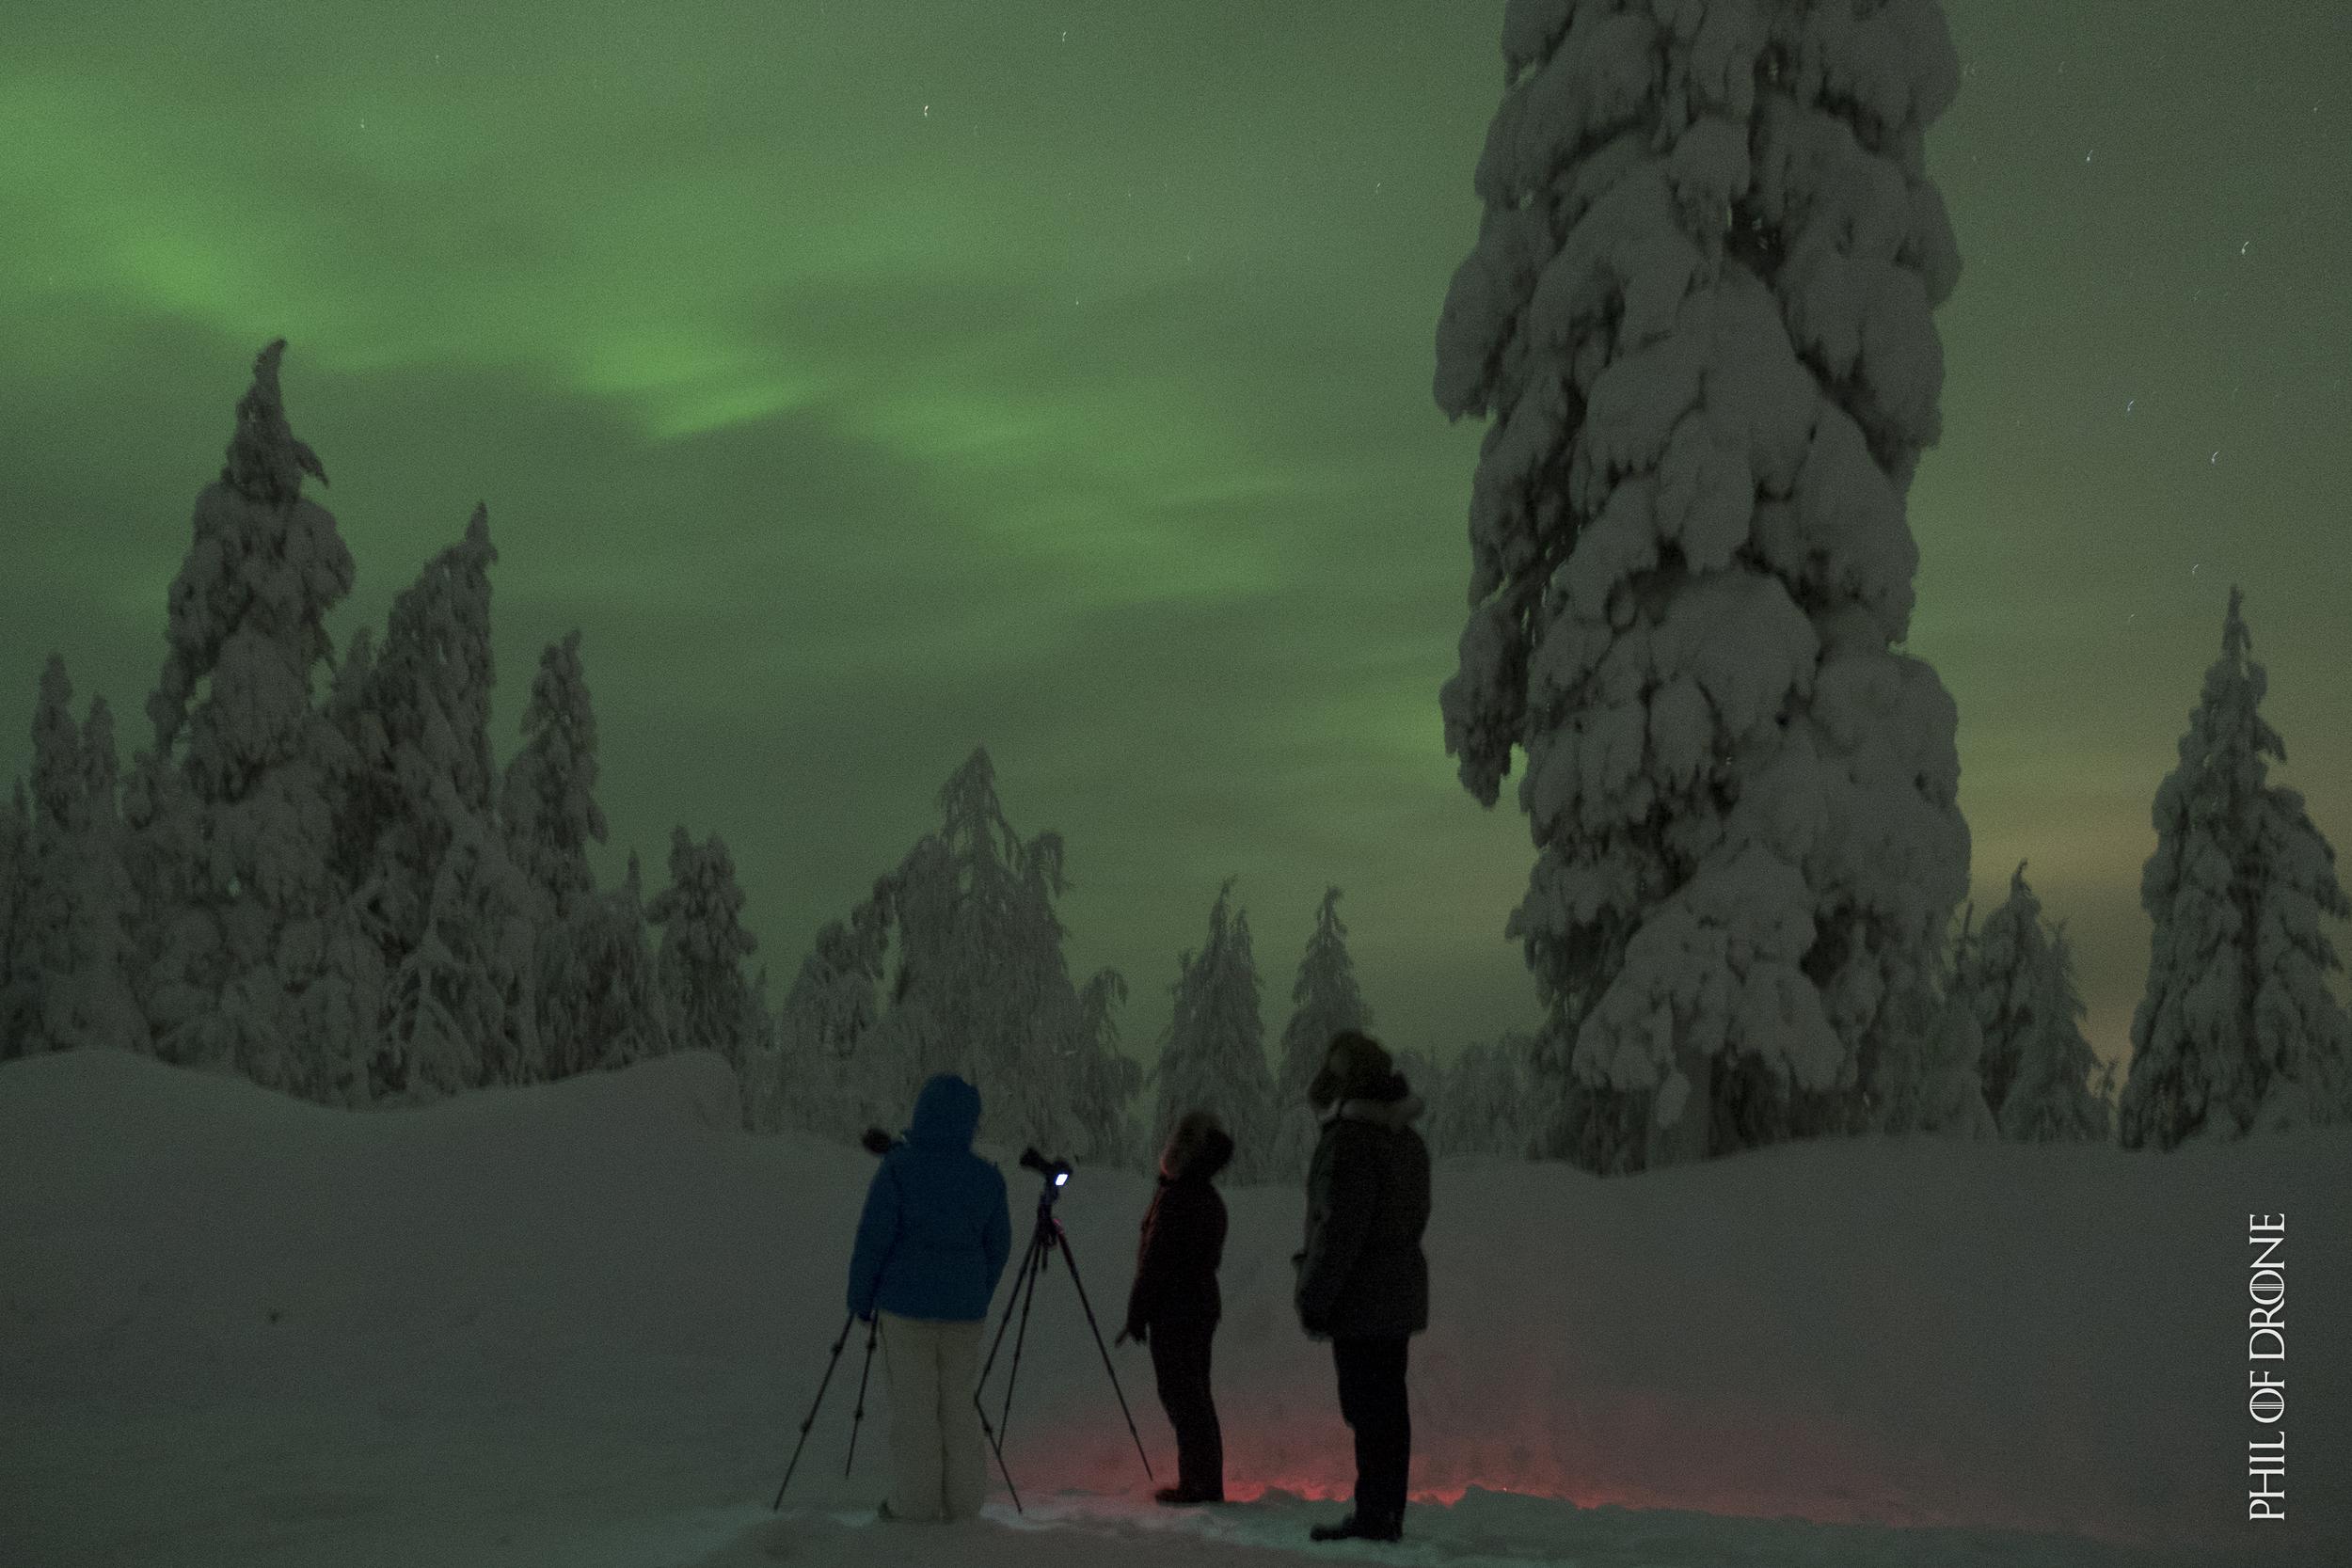 Phil-Finlande 112.jpg